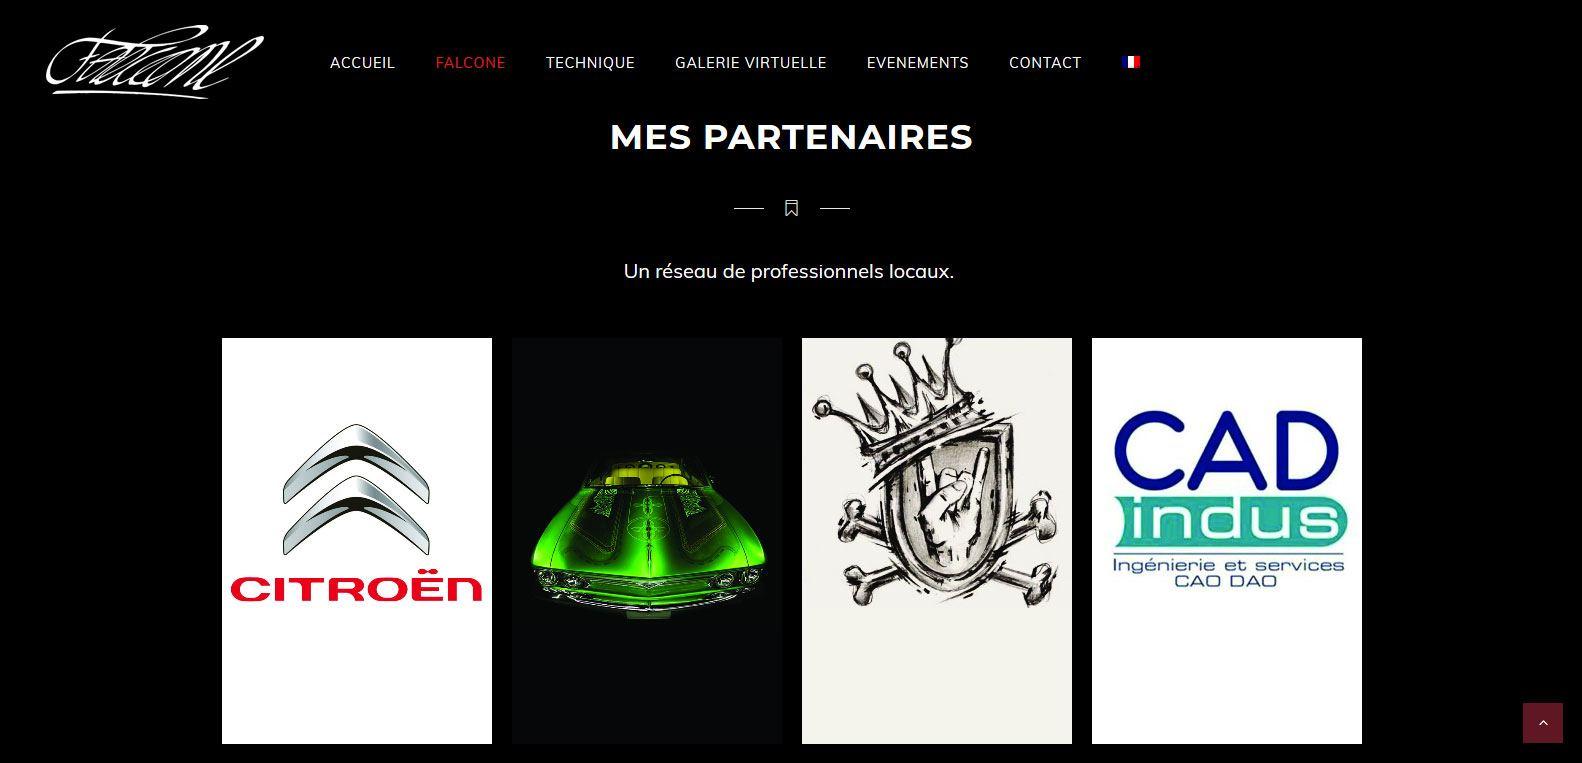 Liste des partenaires de Falcone. Client Karedess, agence web depuis 2006 situé à Mulhouse.